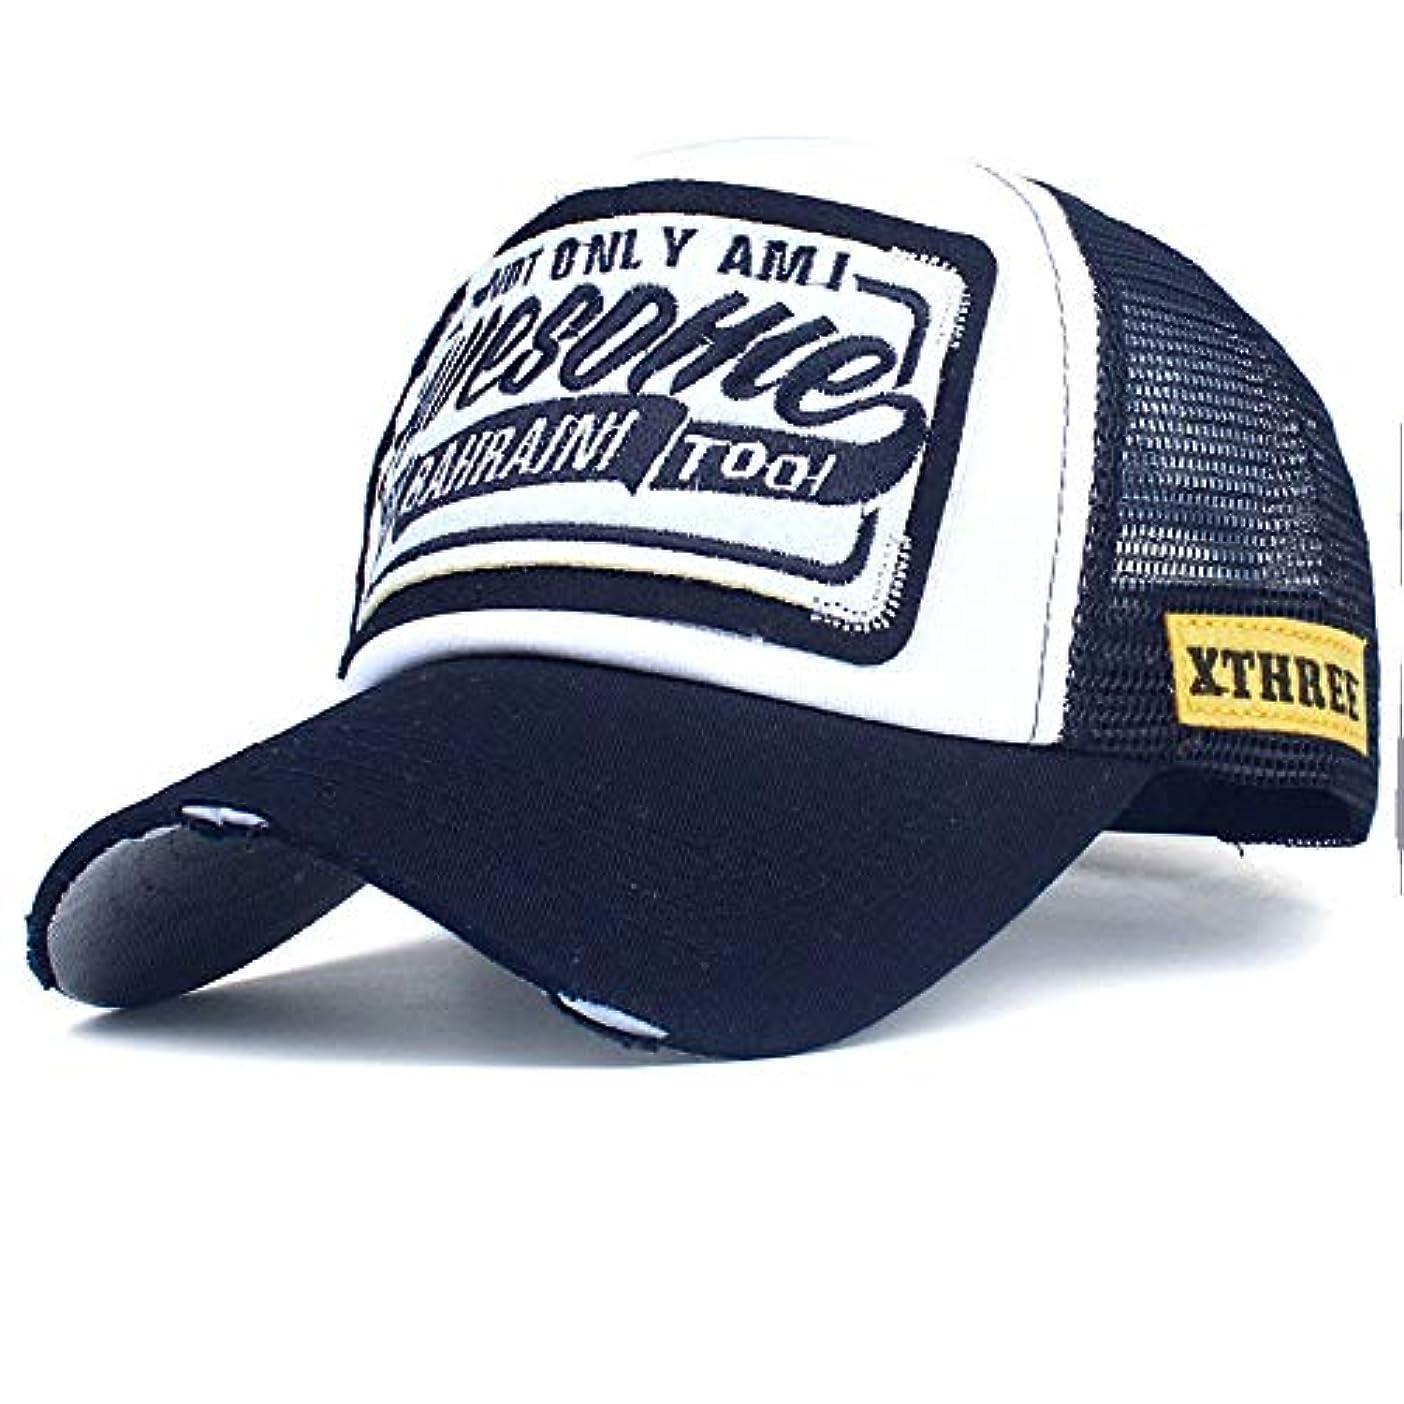 物語取り囲む記念碑的なRacazing カモフラージュ 野球帽 ヒップホップ メンズ 夏 登山 帽子 迷彩 可調整可能 プラスベルベット 棒球帽 UV 帽子 UVカット軽量 屋外 Unisex 鸭舌帽 Hat Cap